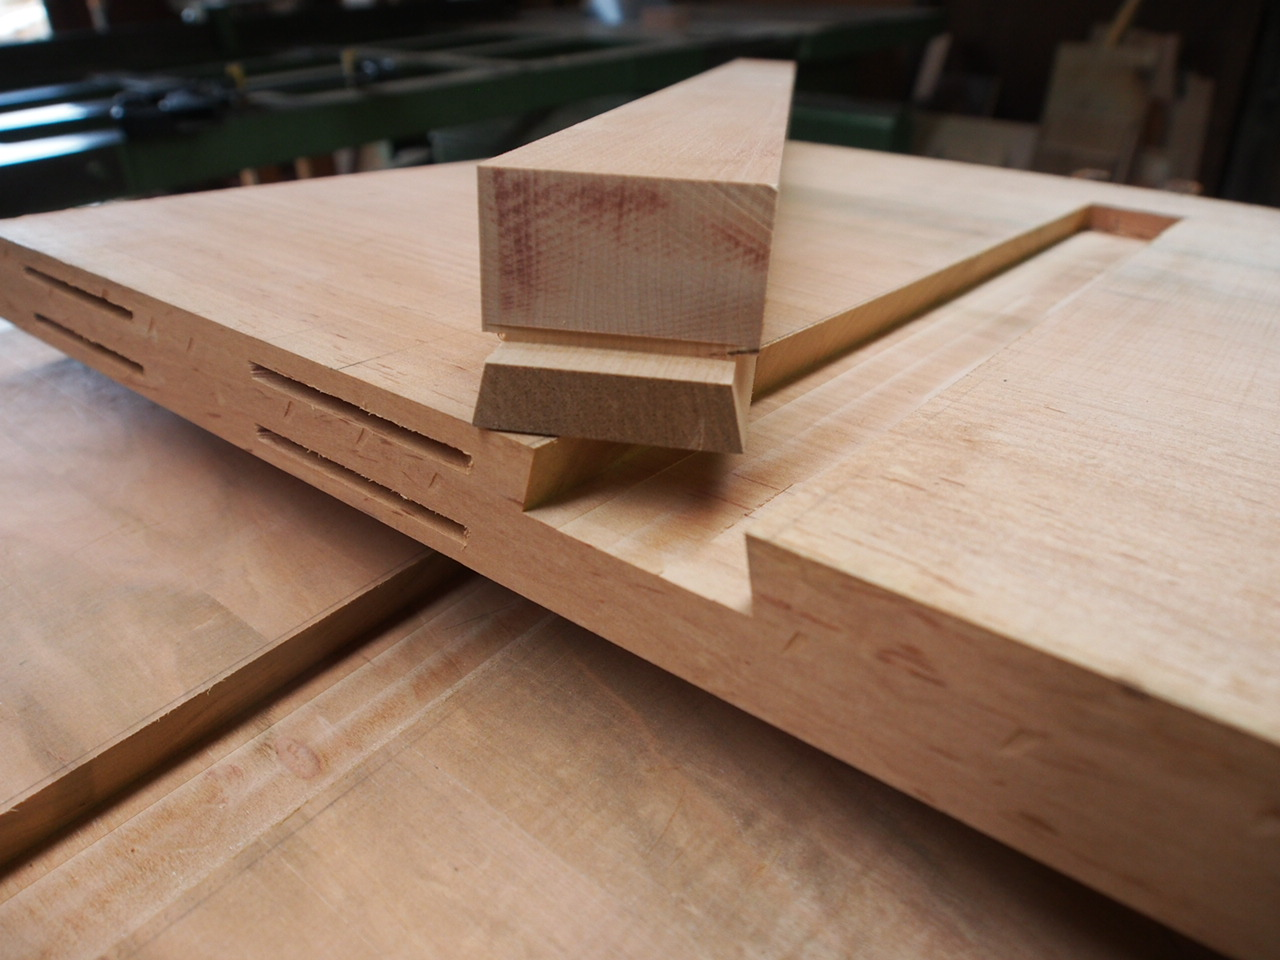 じざい工房 小林康文の素材を活かす家具づくり